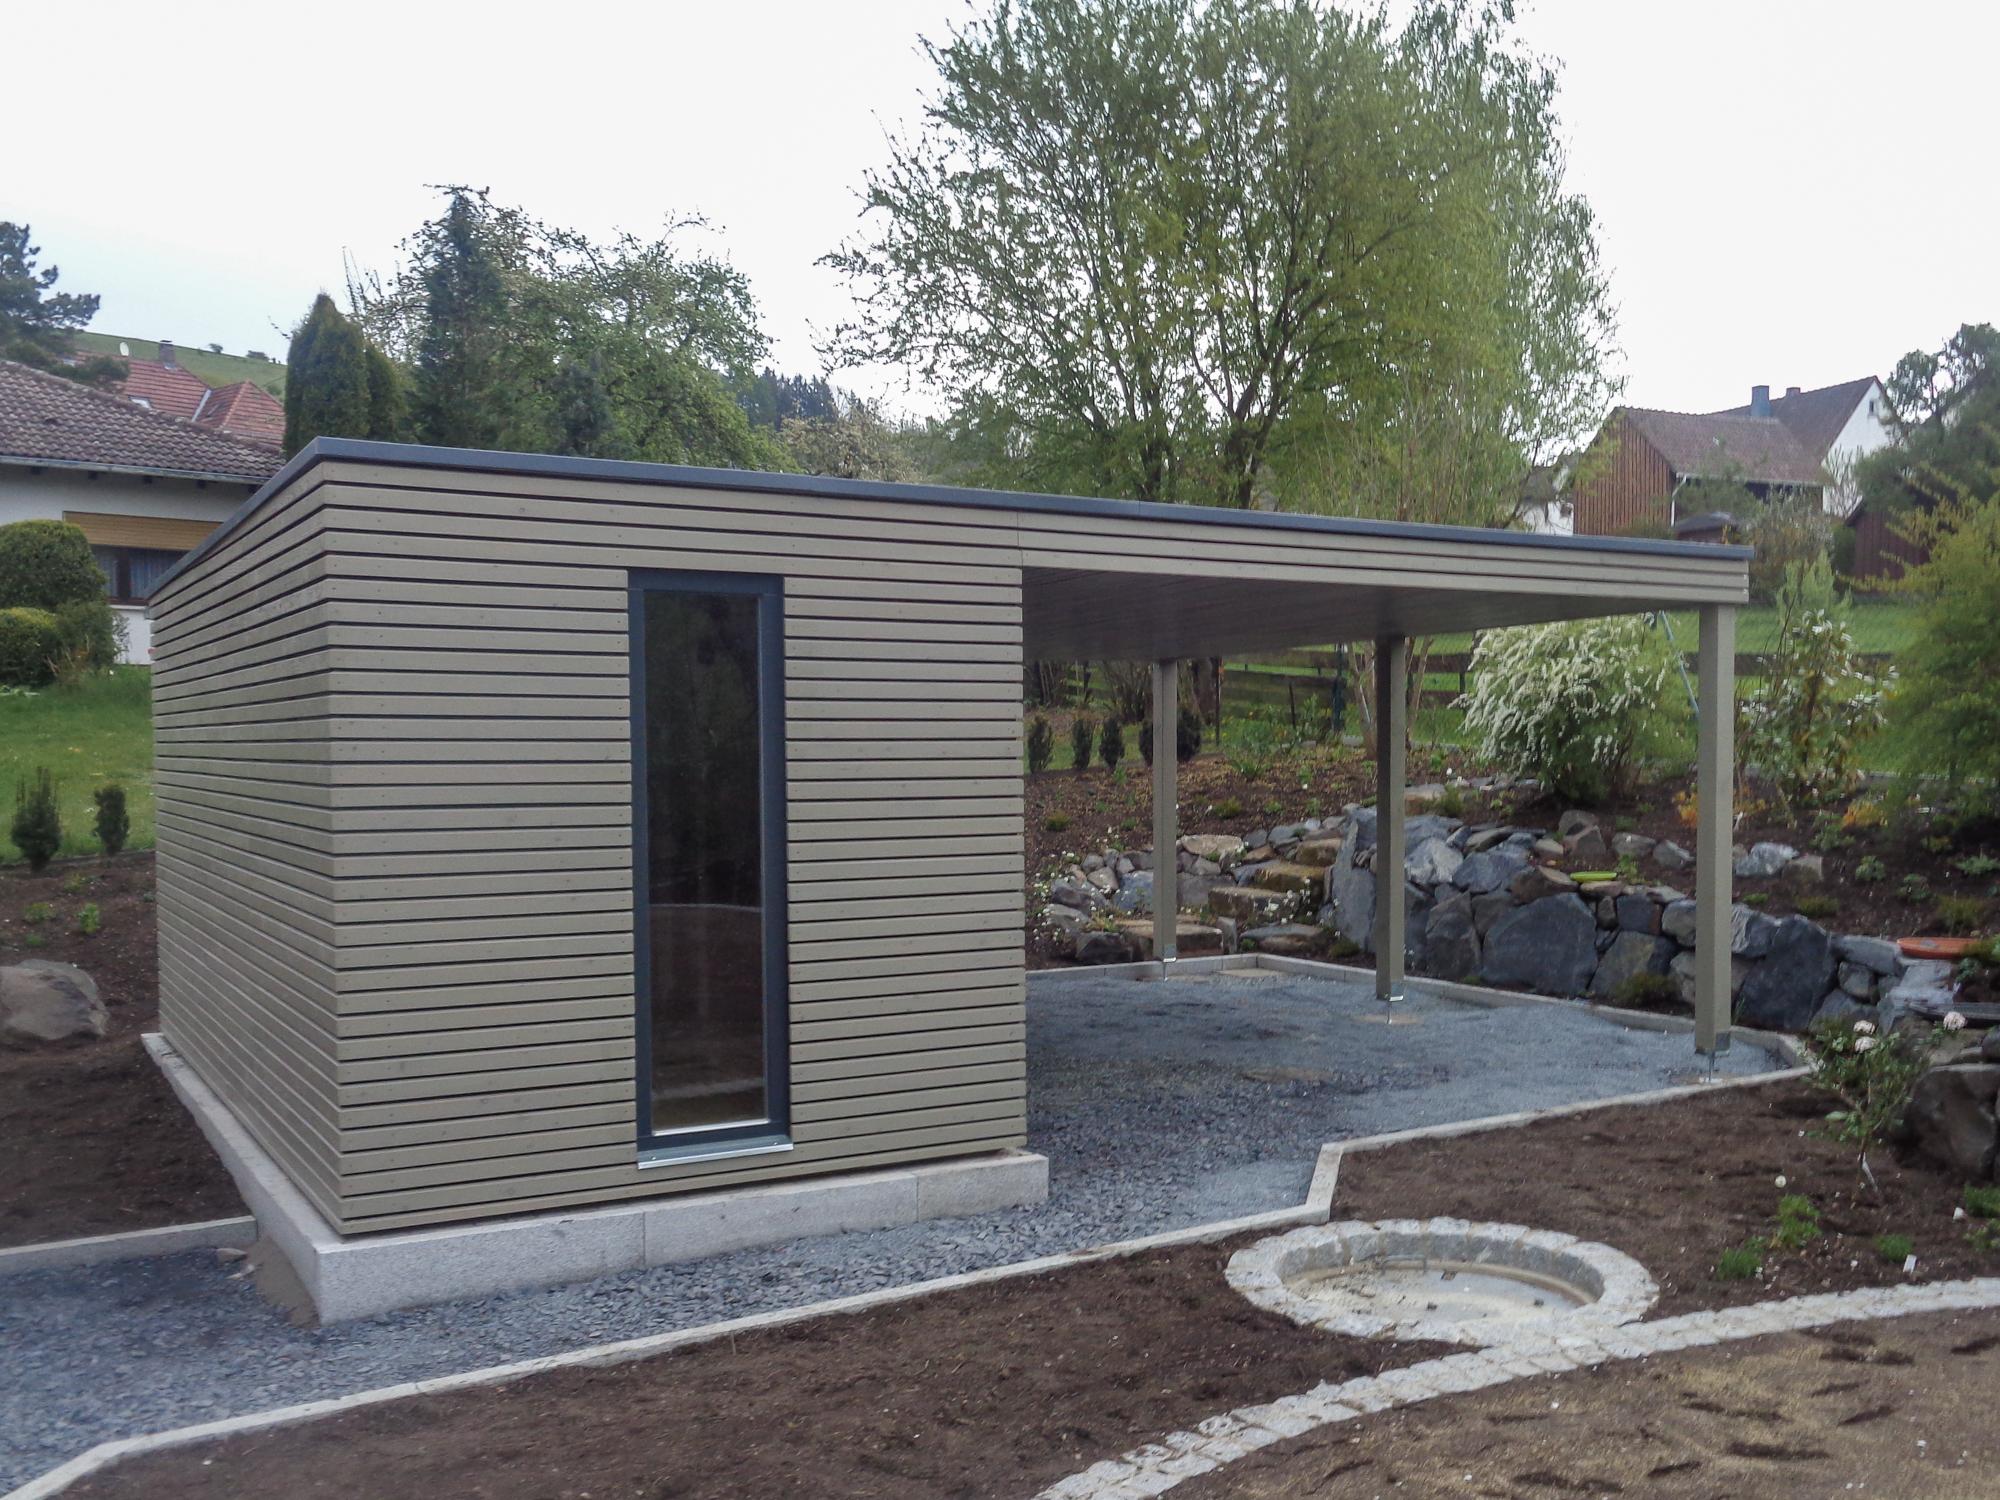 Gartenhaus Mit Sommerküche : Gartenhaus m vordach rödental referenzen naturhouse